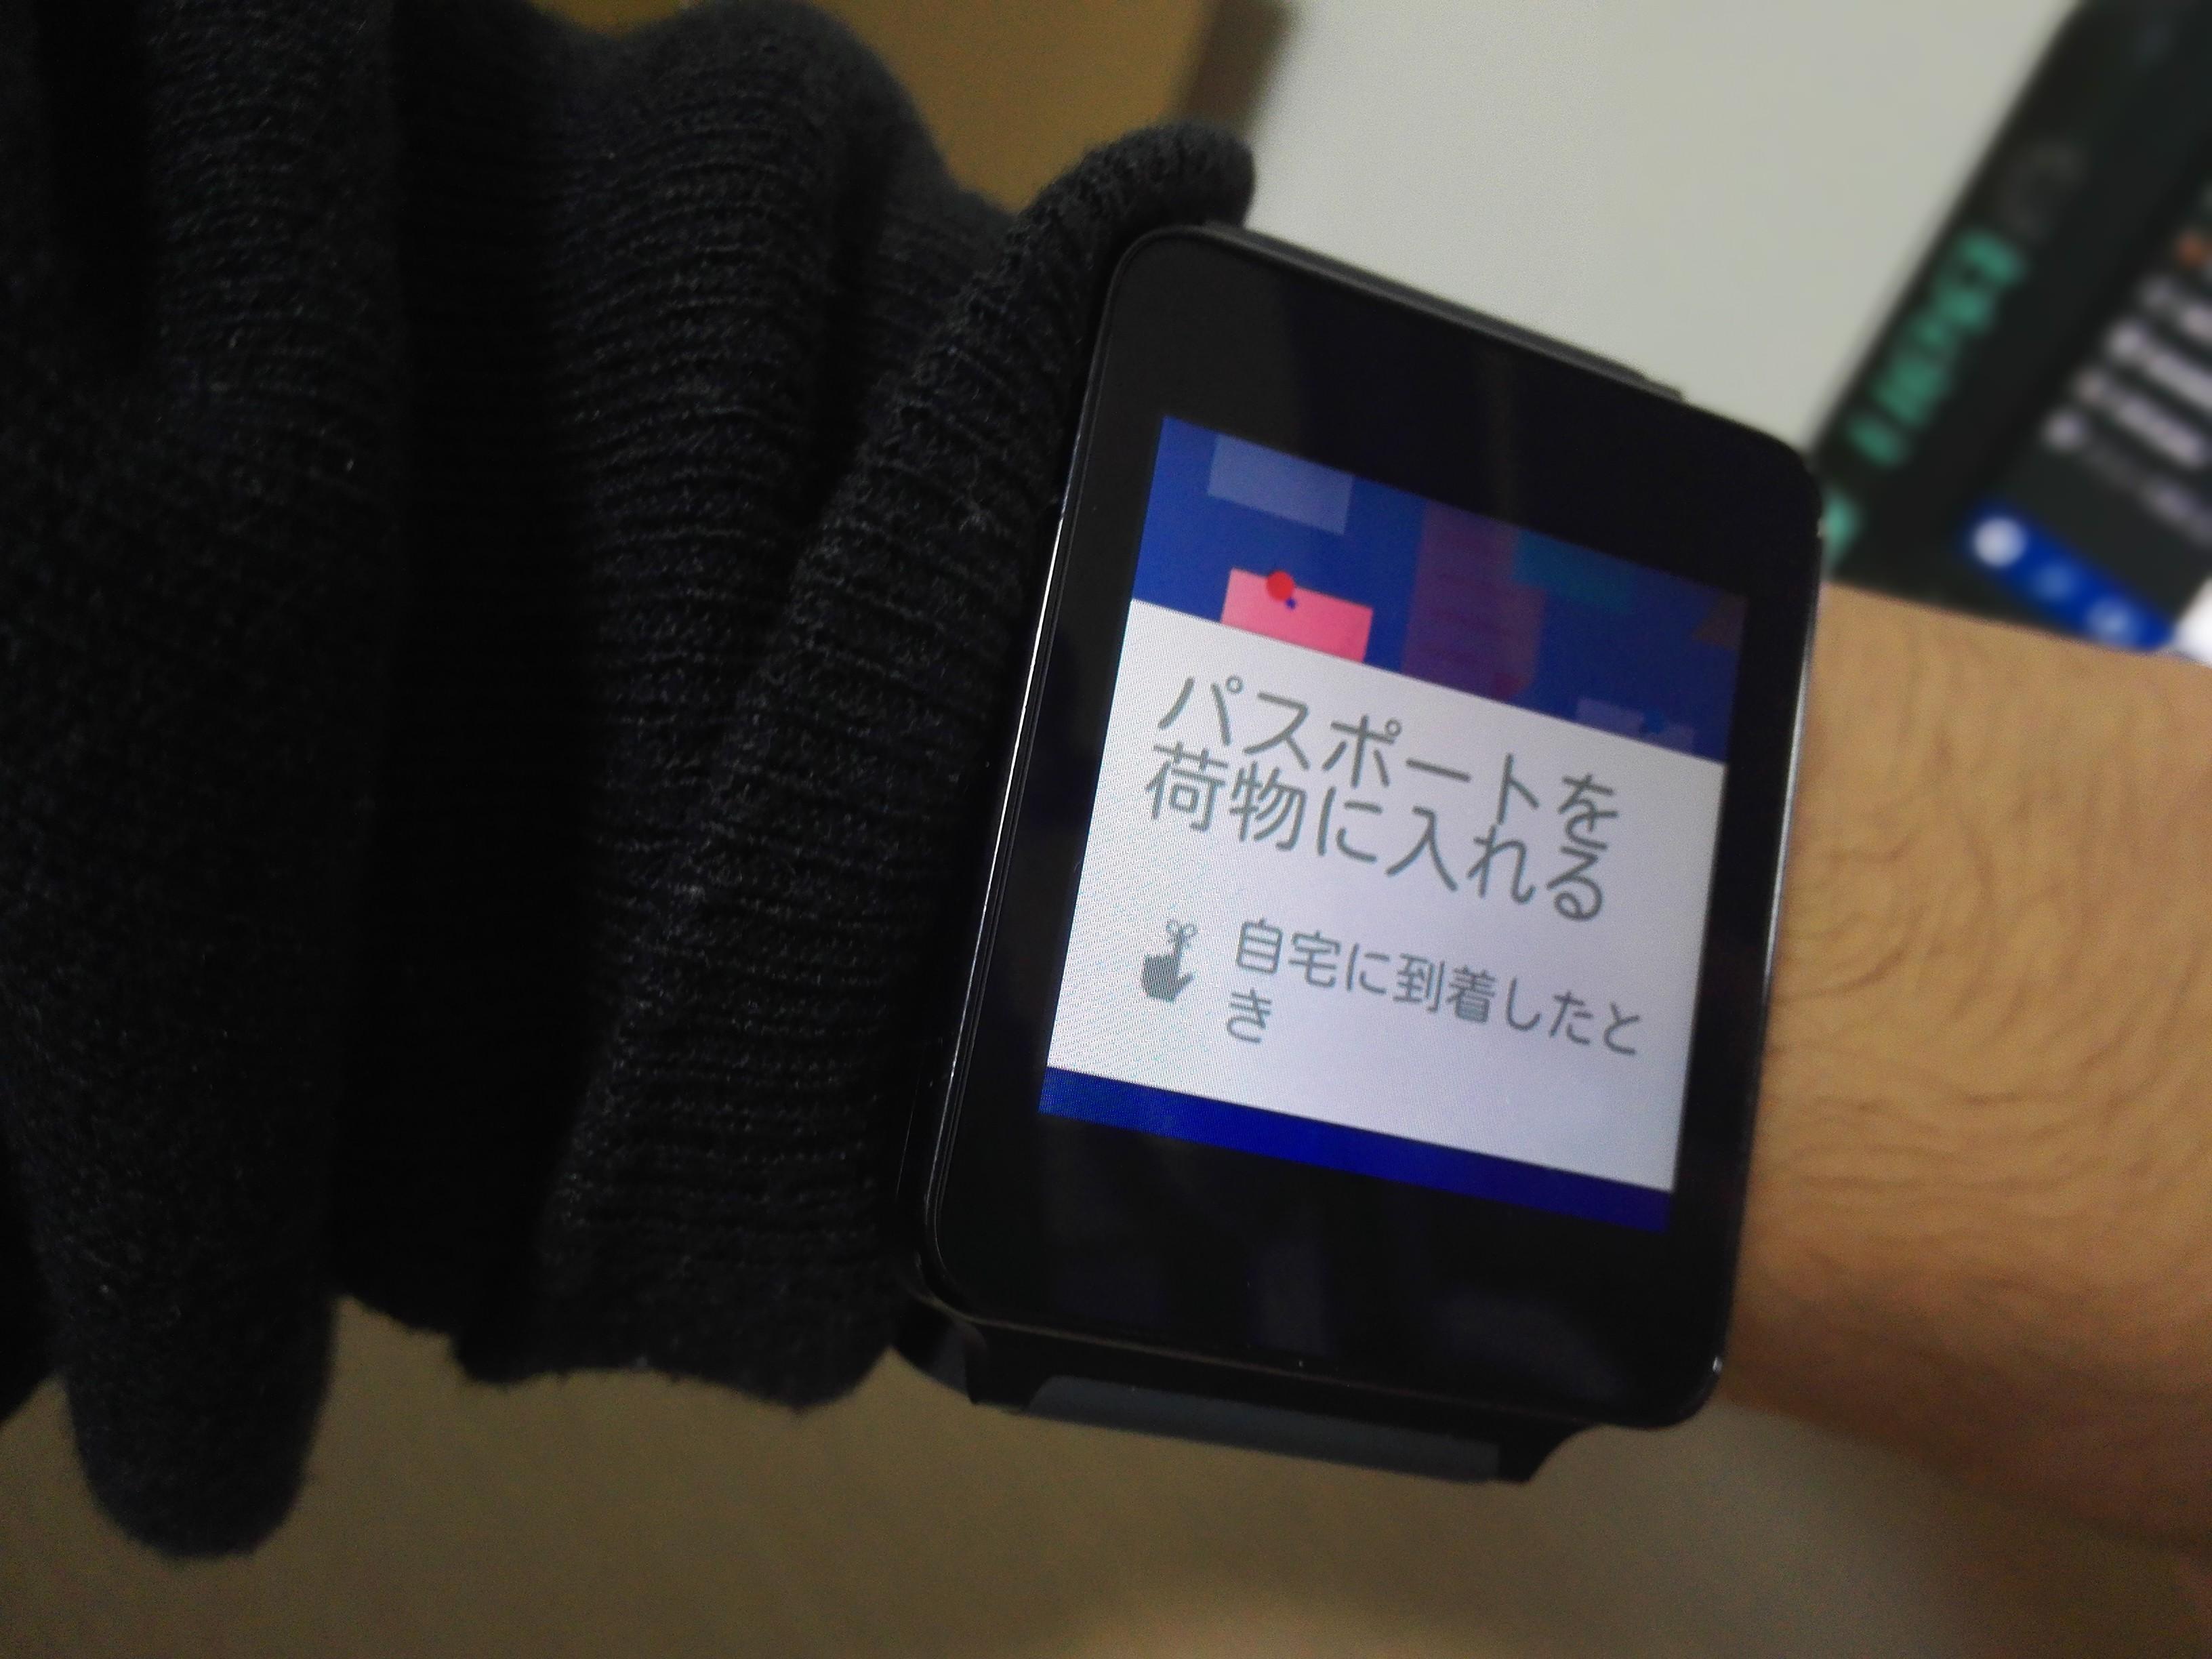 とりあえずスマートウォッチが欲しいならAndroid Wear搭載「LG G Watch」にした方がよい理由